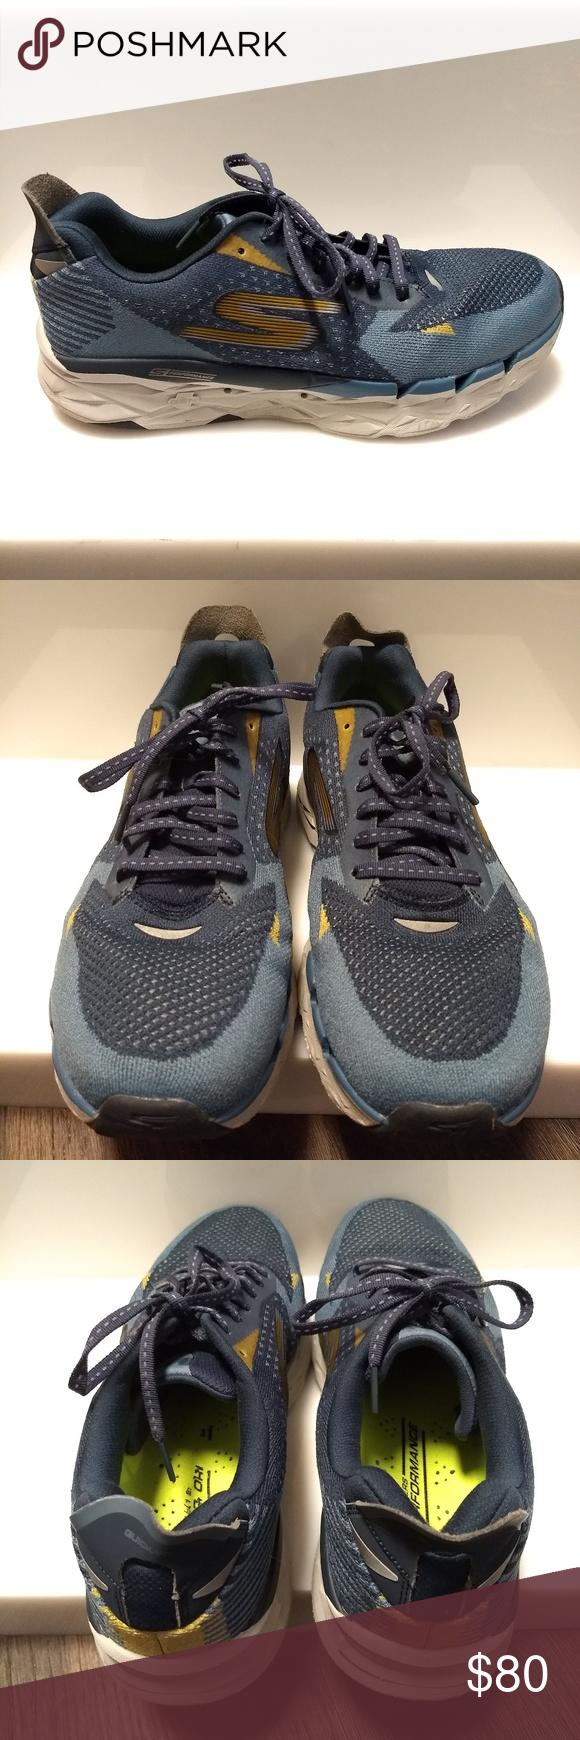 déficit Exactamente aceptable  Skechers Go Run Ultra Road 2 Men's Shoes Skechers Go Run Ultra Road 2 Men's  Running Shoes 55050 Sz US 11 M (D) EU 4… | Running shoes for men, Skechers,  Men's shoes